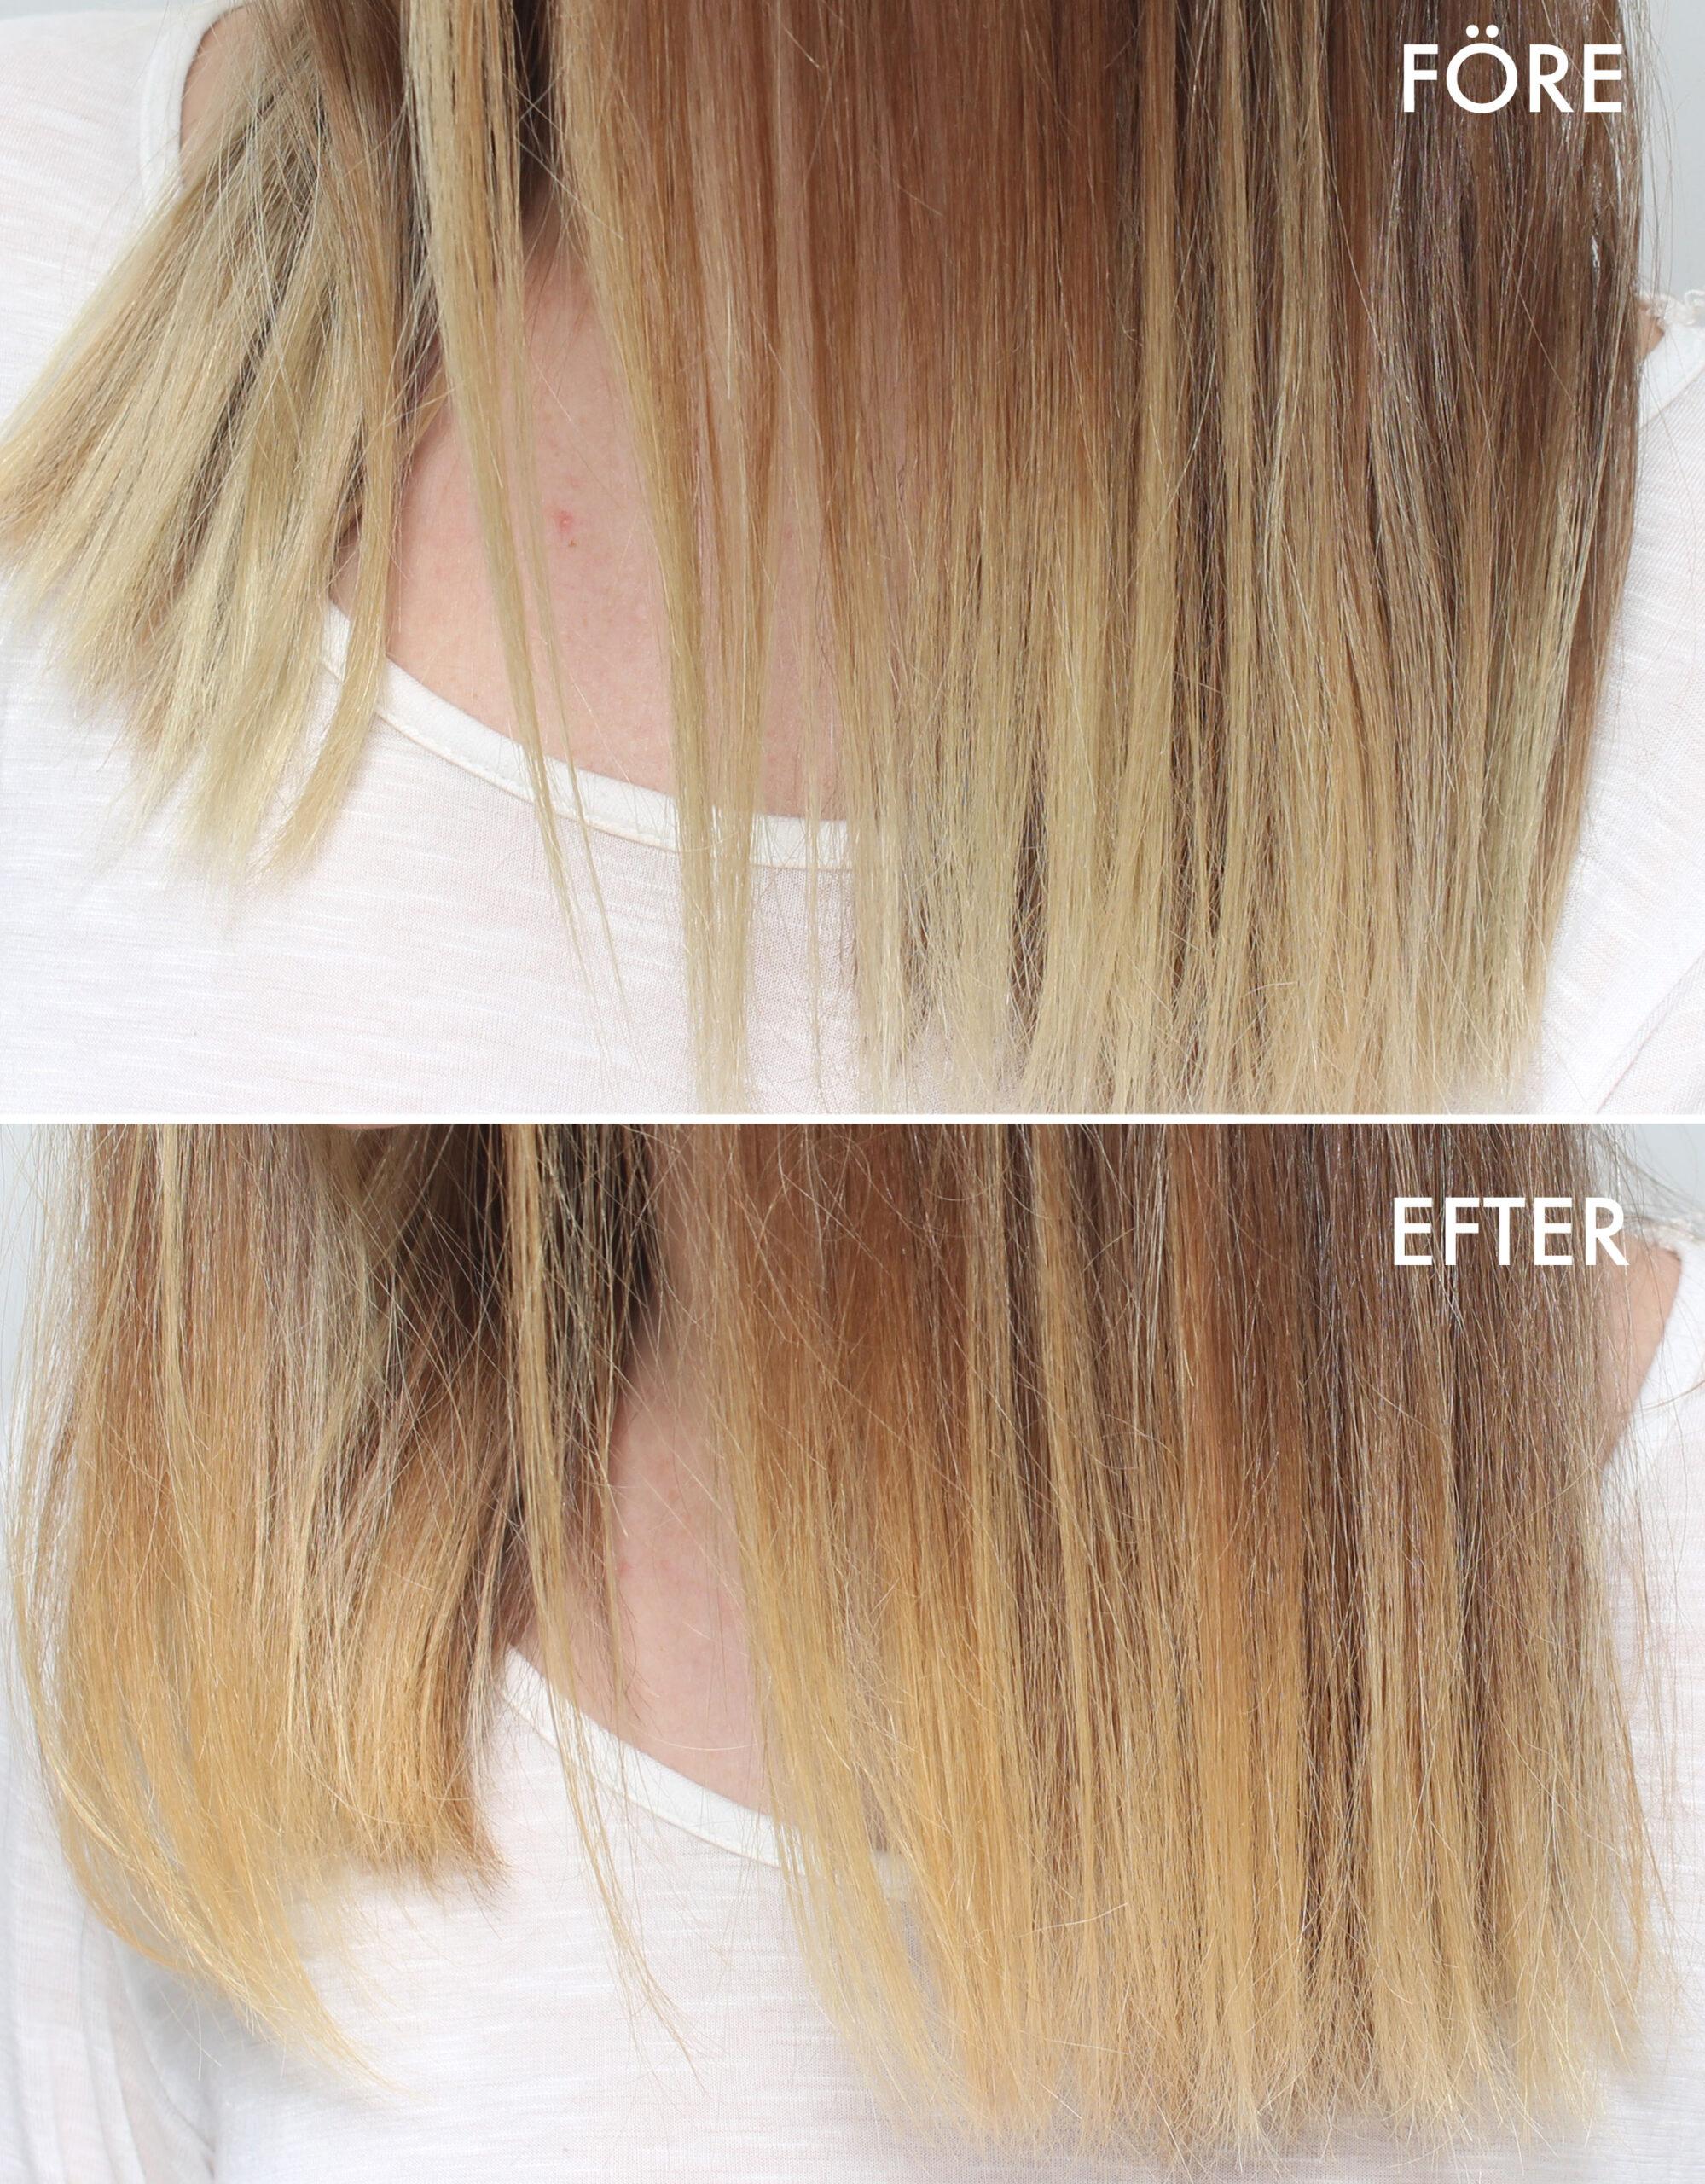 få bort grön hårfärg